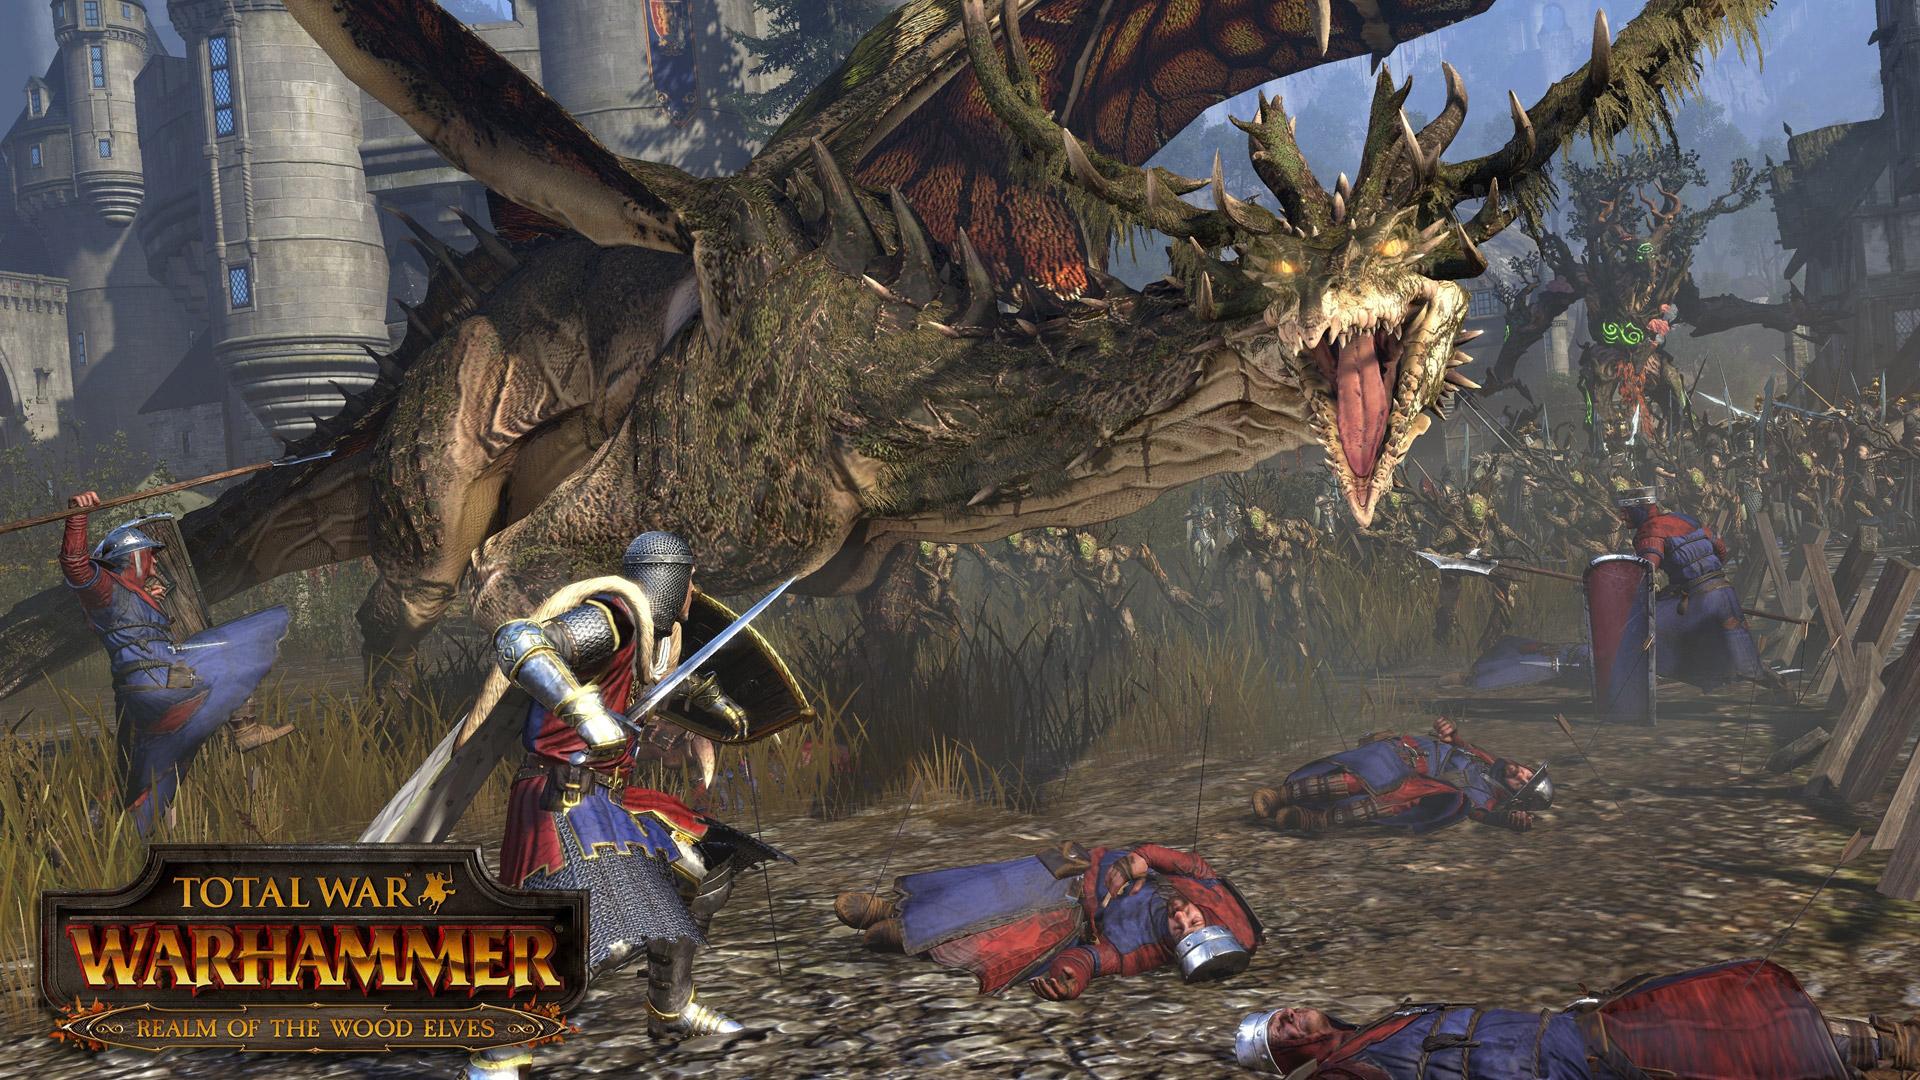 Total War Warhammer wallpaper 1